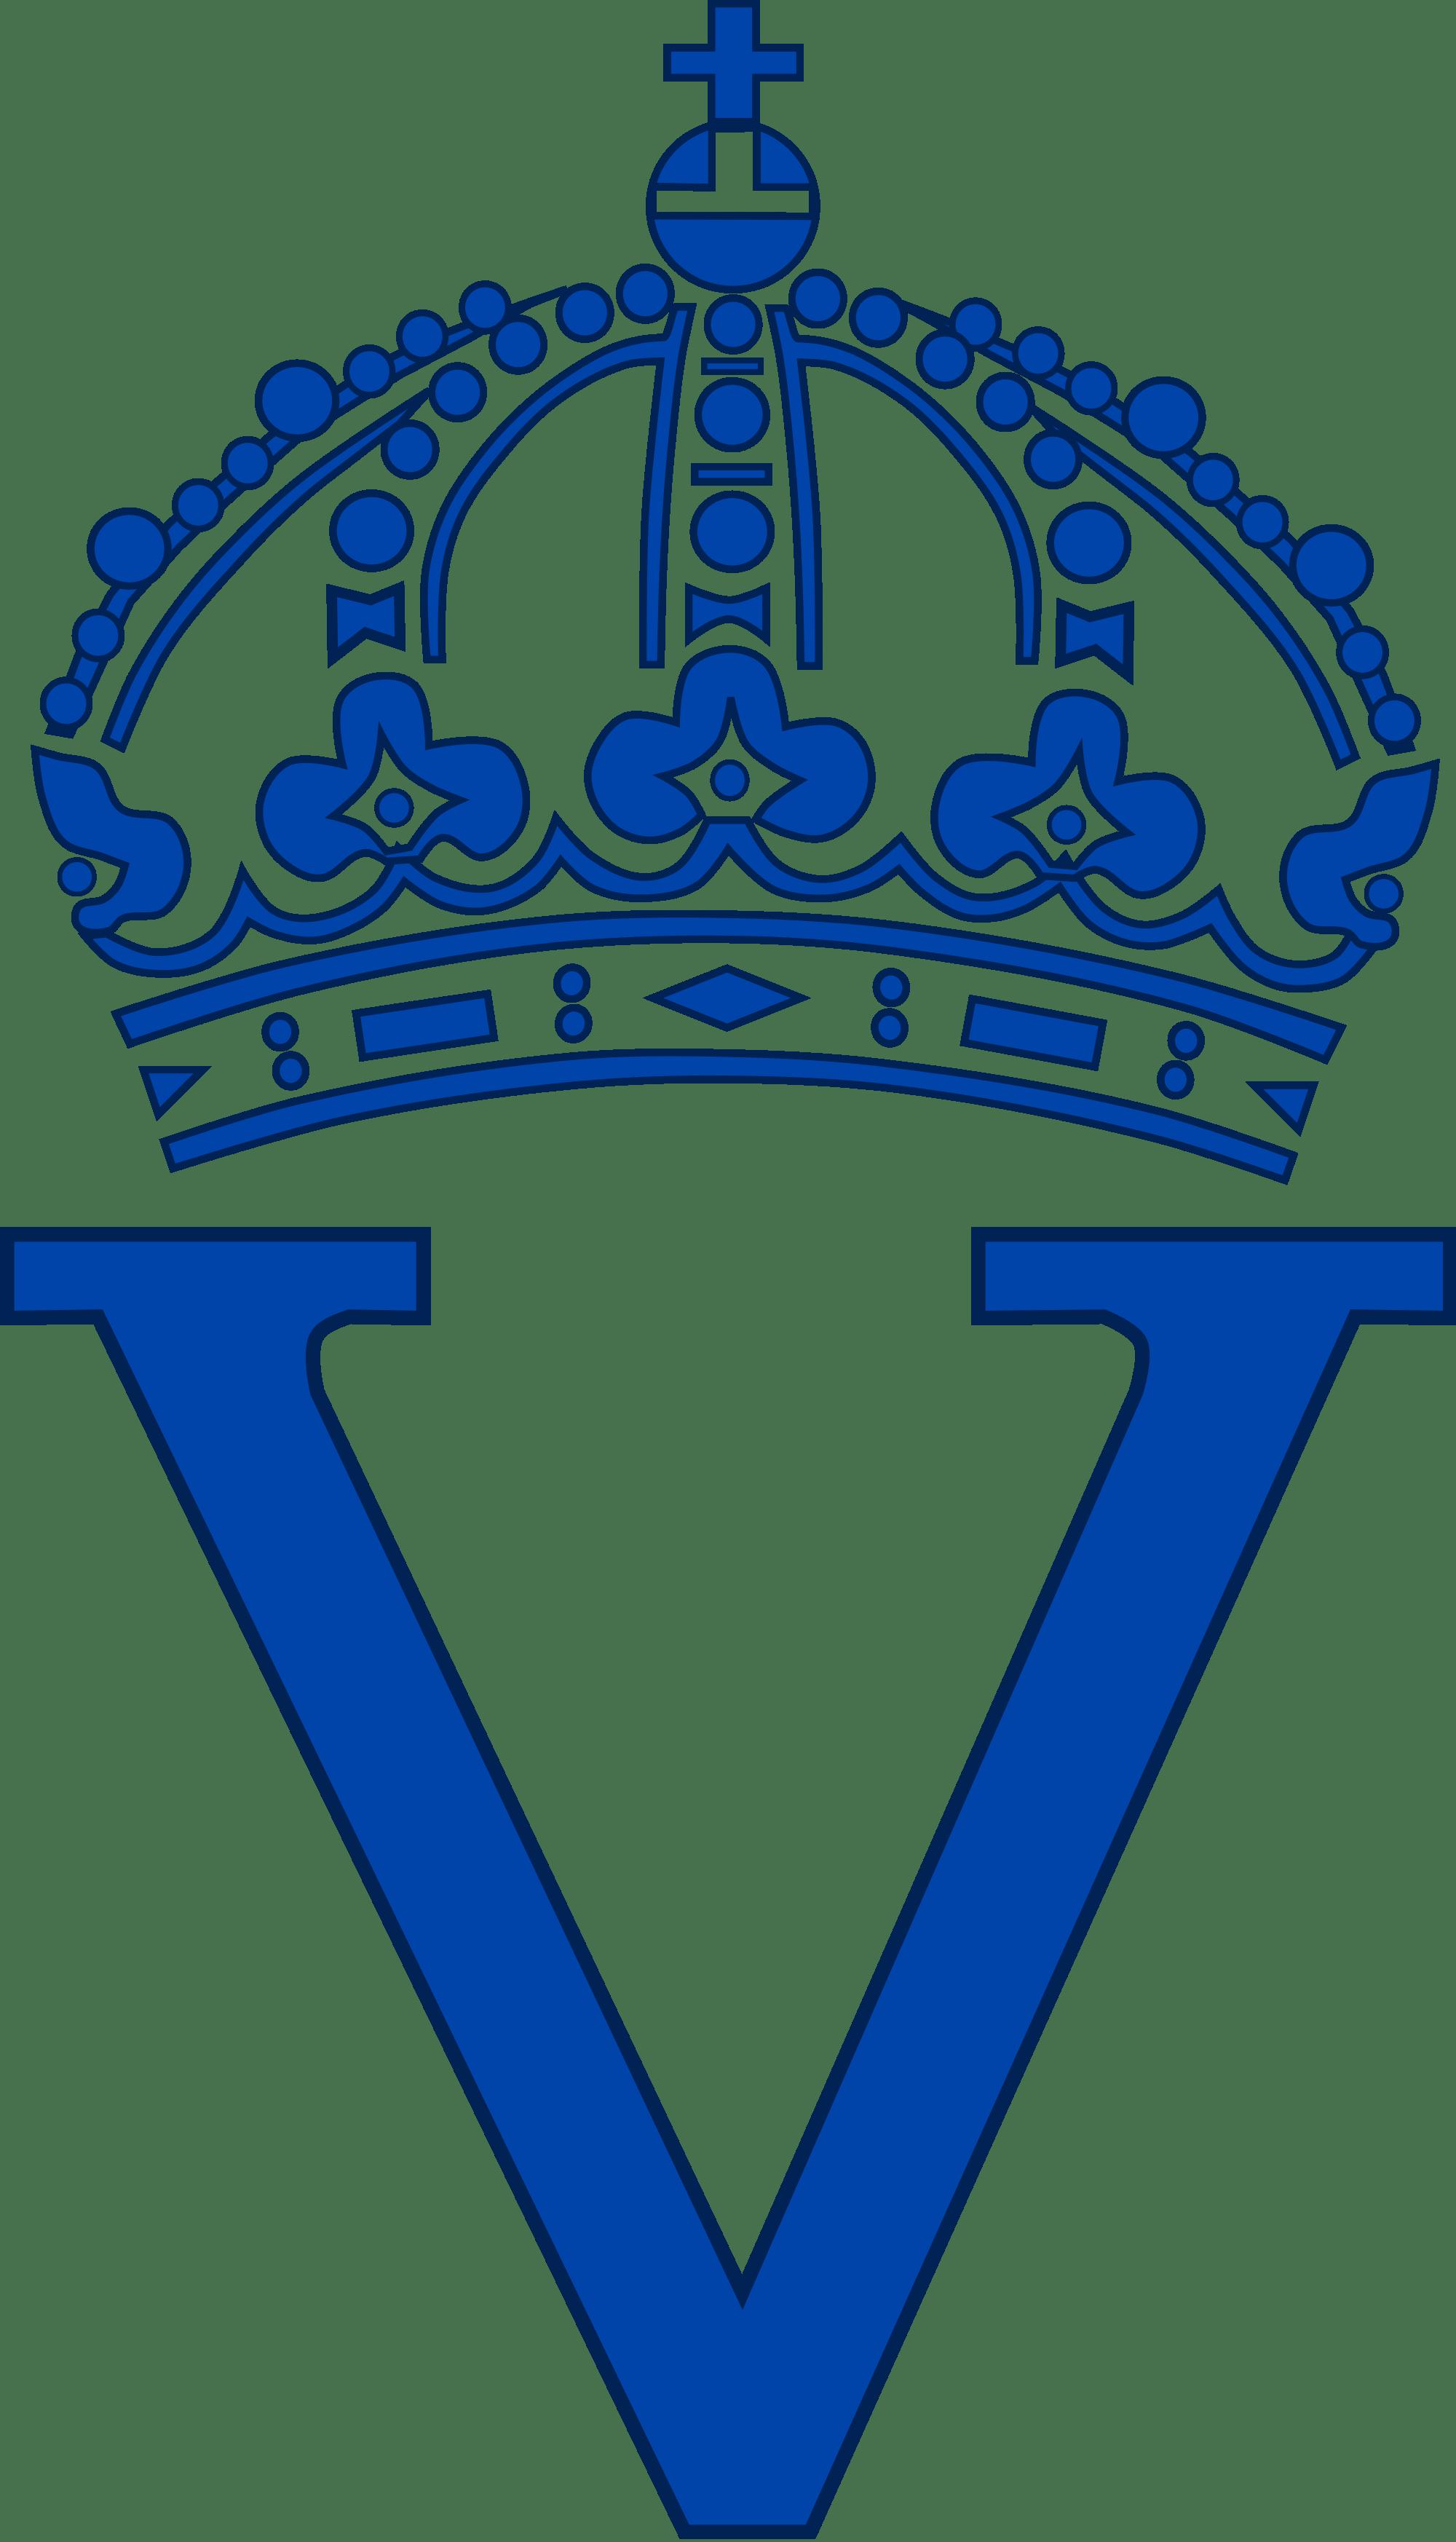 Queen clipart queen victoria. Royal monogram transparent png